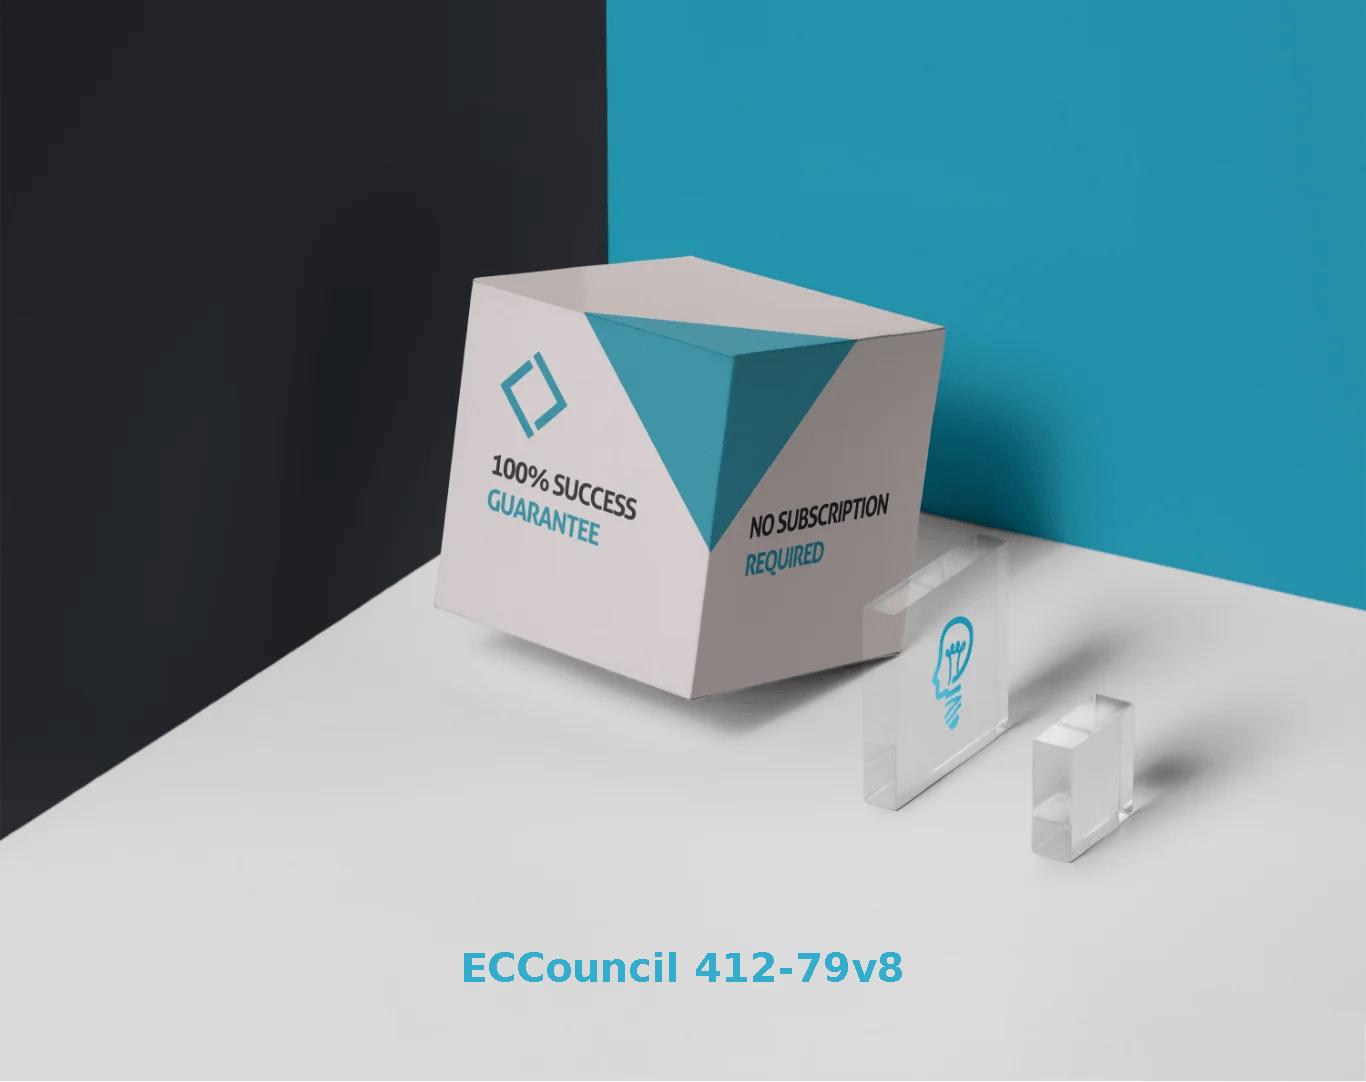 ECCouncil 412-79v8 Exams